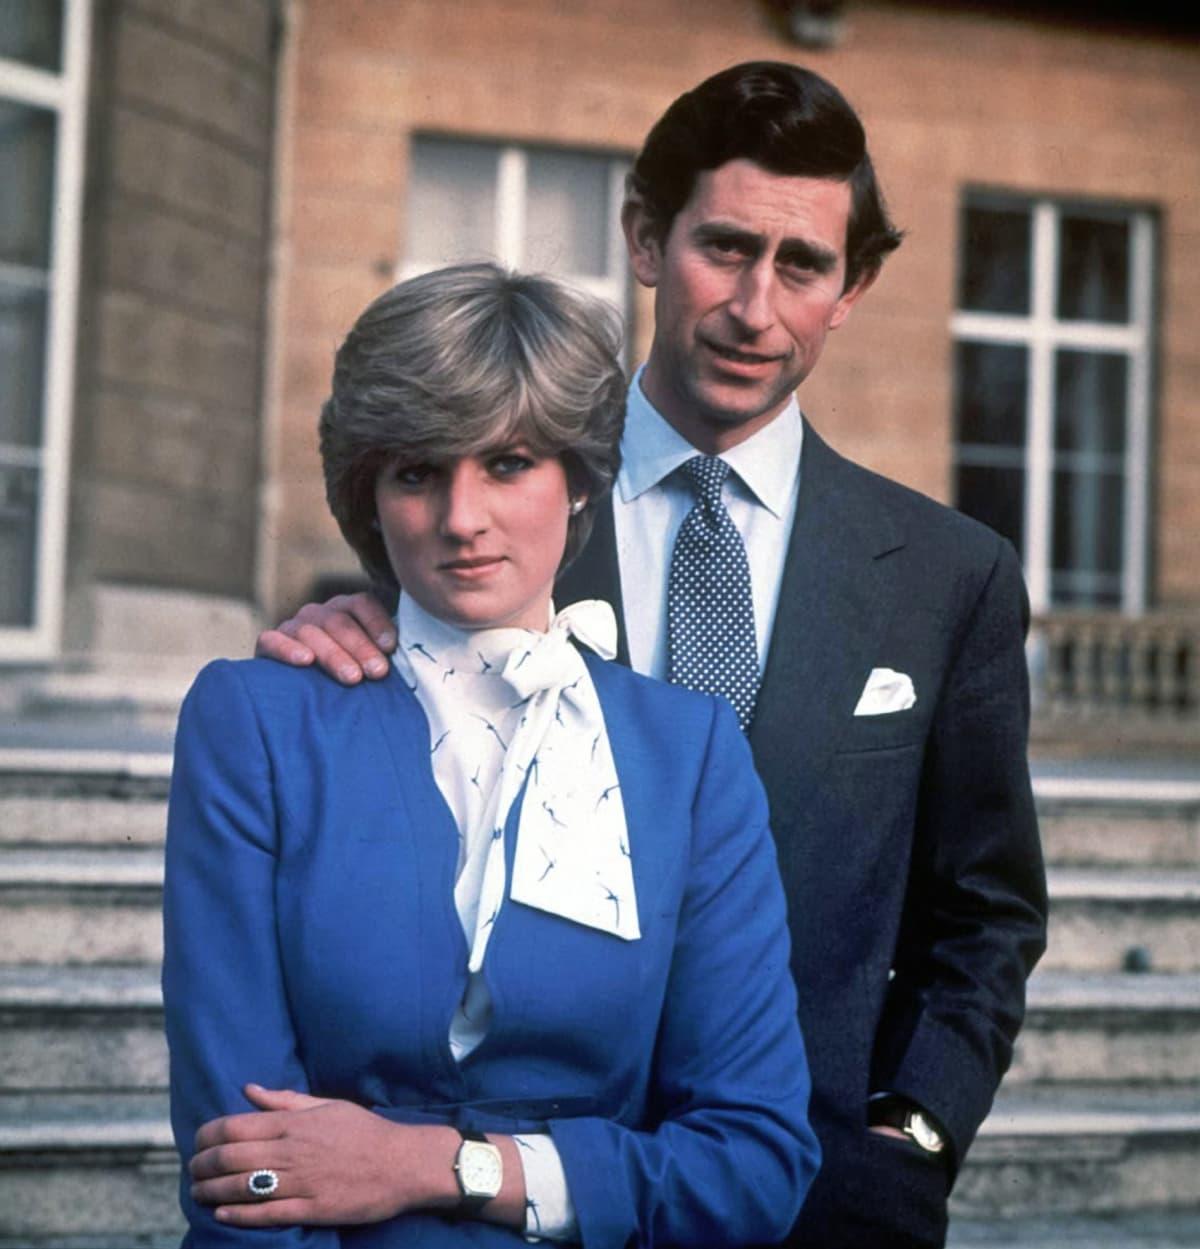 Diana ja Charles seisovat rinnakkain. Charlesin käsi on Dianan hartialla.